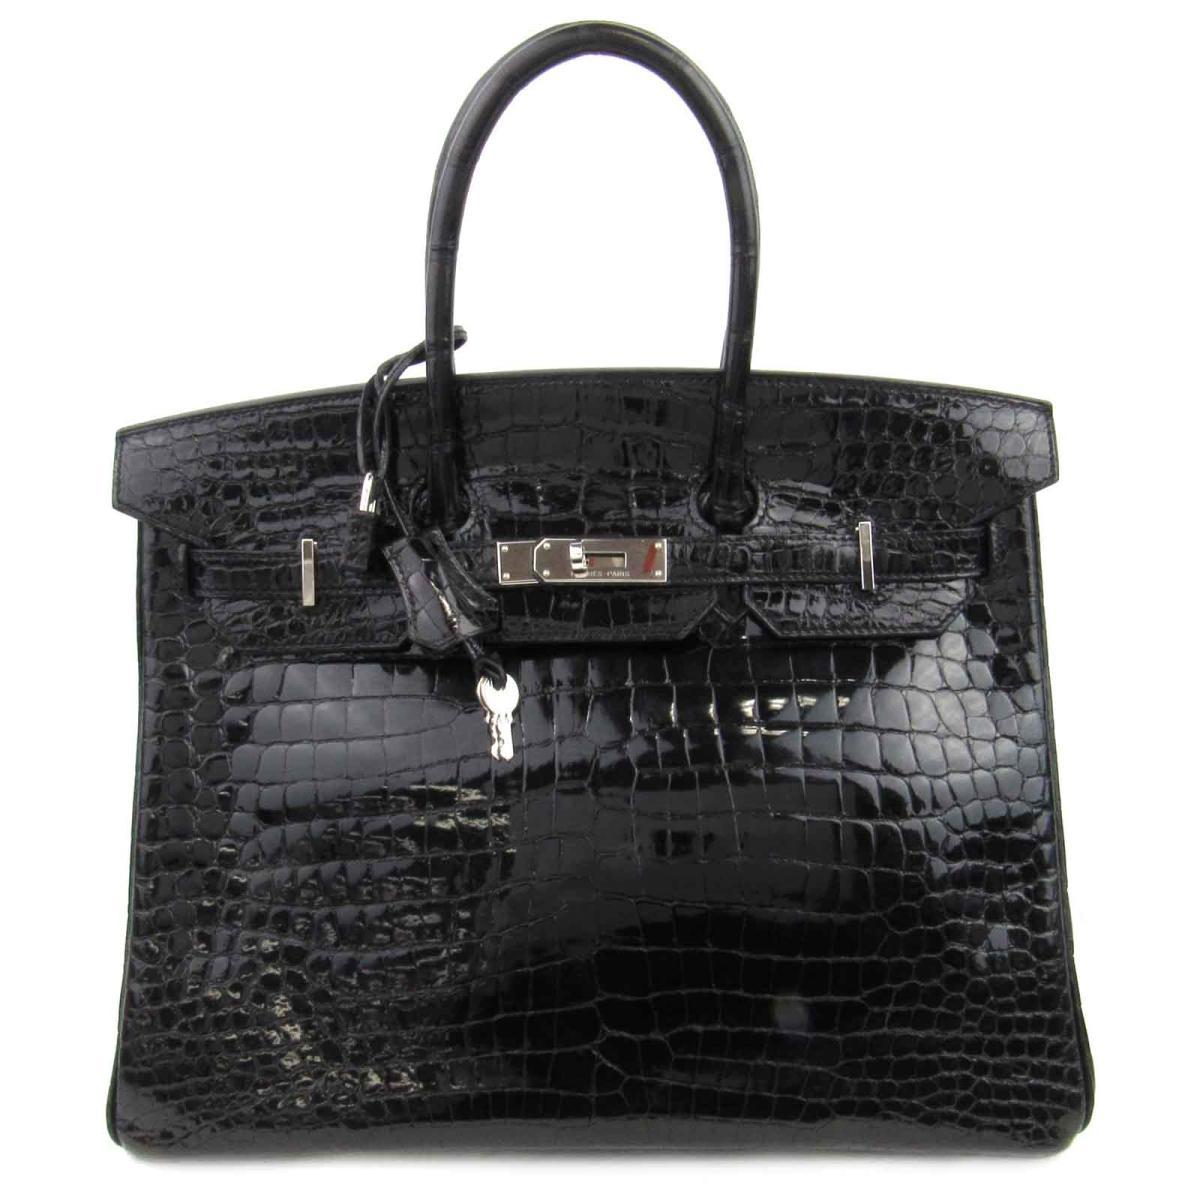 【中古】 エルメス バーキン35 ハンドバッグ レディース ポロサスシャイン ブラック (金具:シルバー) | HERMES ハンドバック バーキン BIRKIN 35 バッグ バック BAG カバン 鞄 ブランドバッグ ブランドバック 美品 ブランドオフ